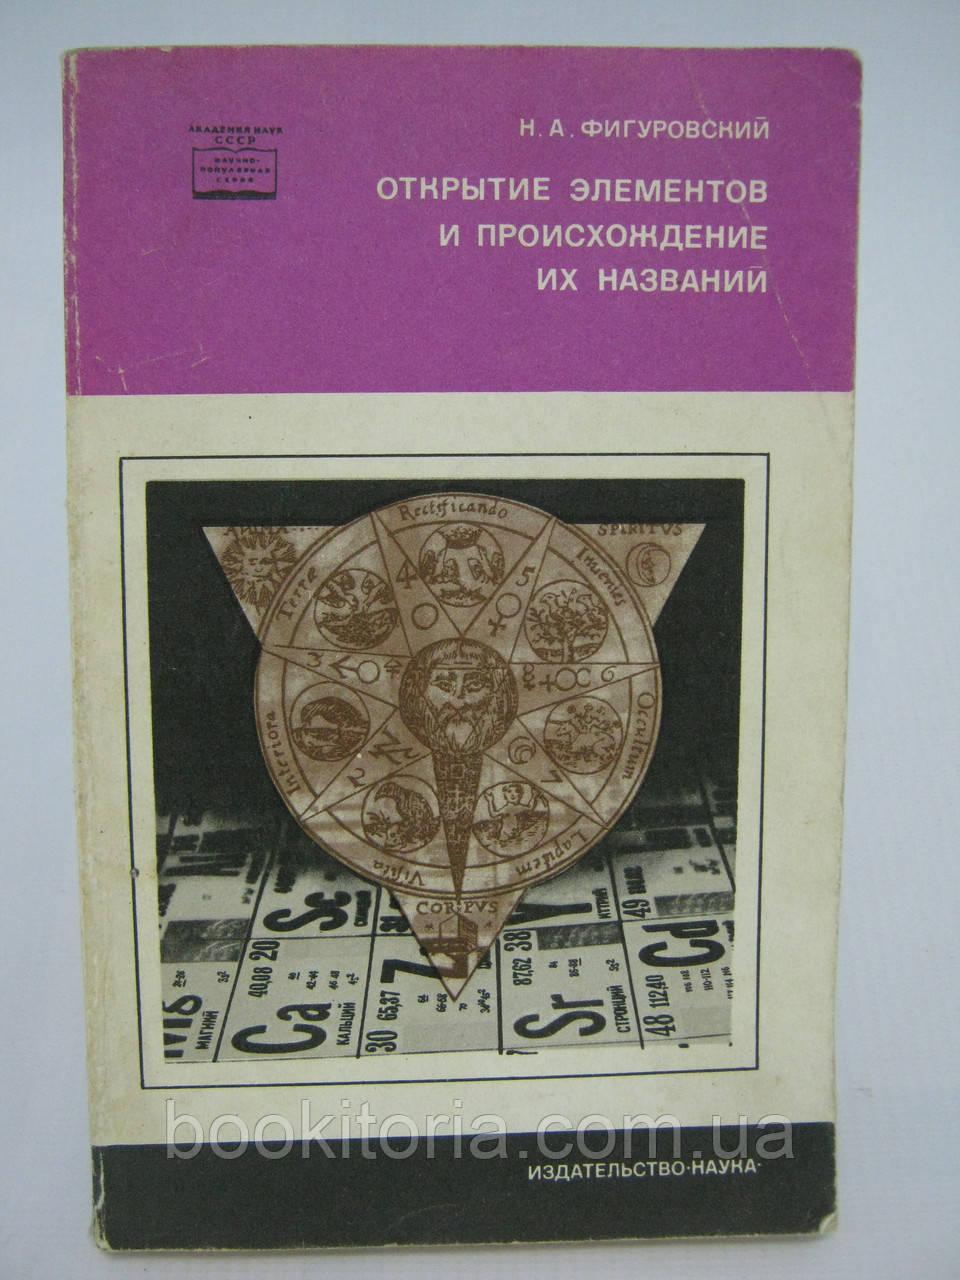 Фигуровский Н.А. Открытие химических элементов и происхождение их названий (б/у).